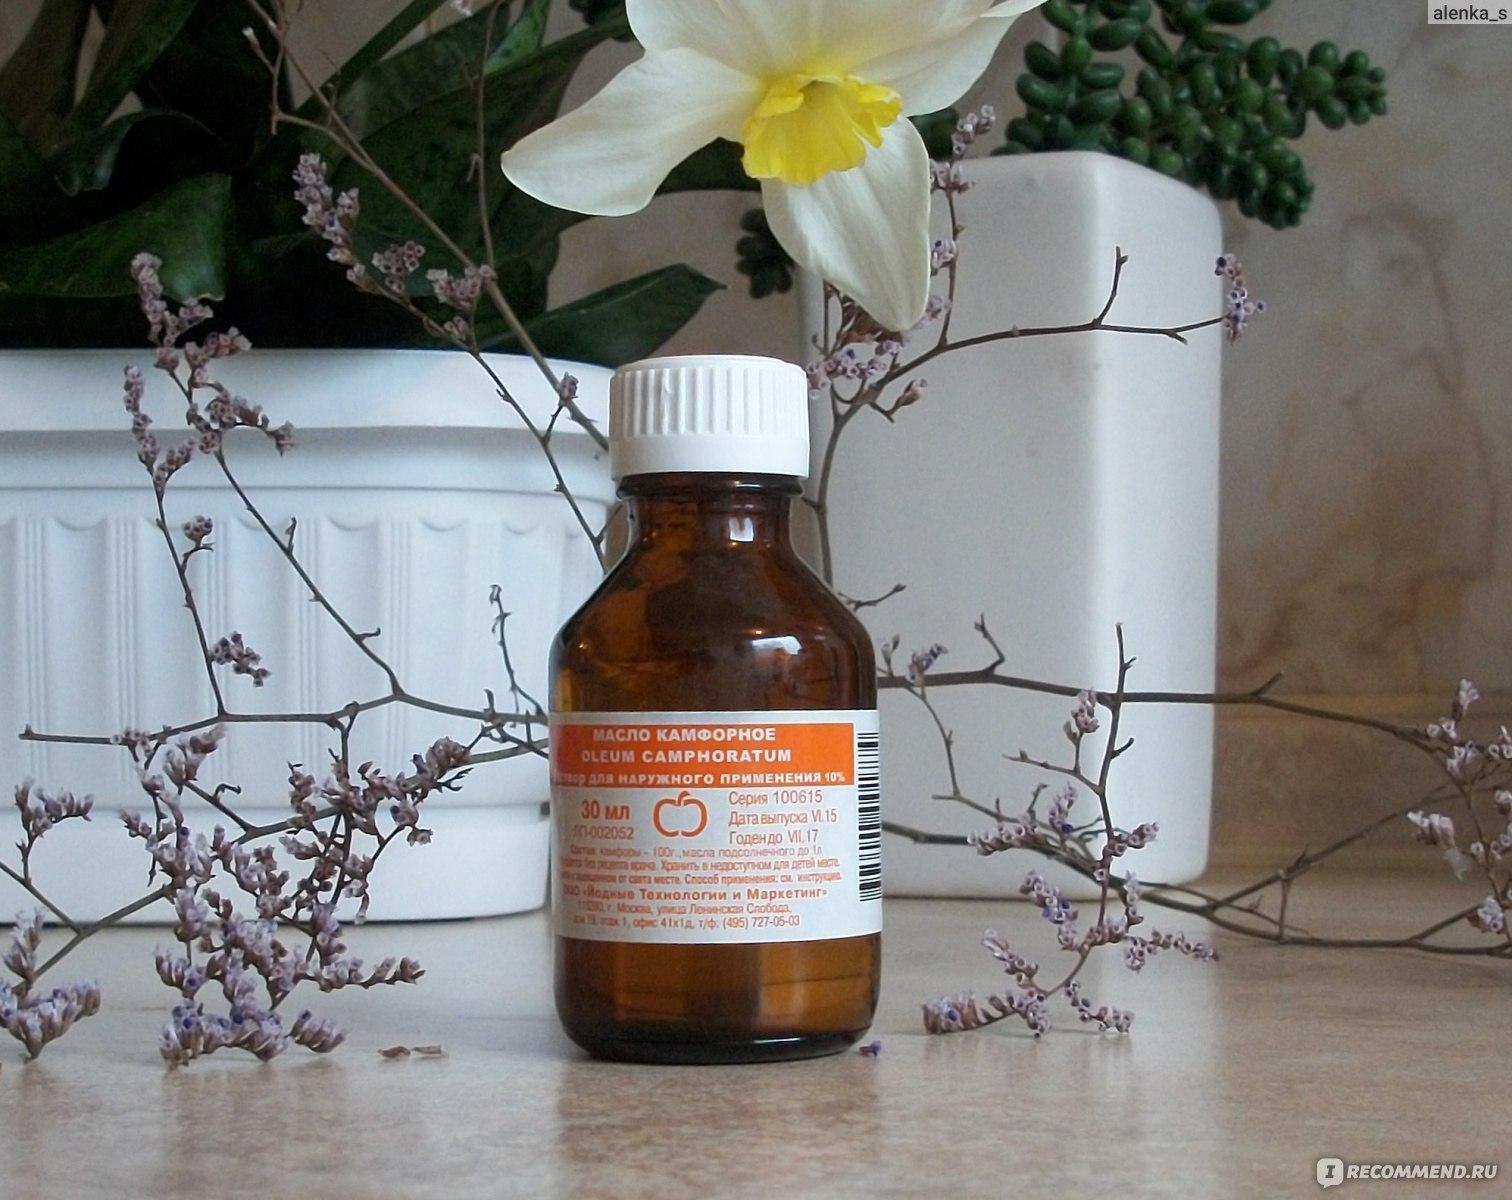 Камфорное масло: для чего применяют камфору, использование масла в народной медицине